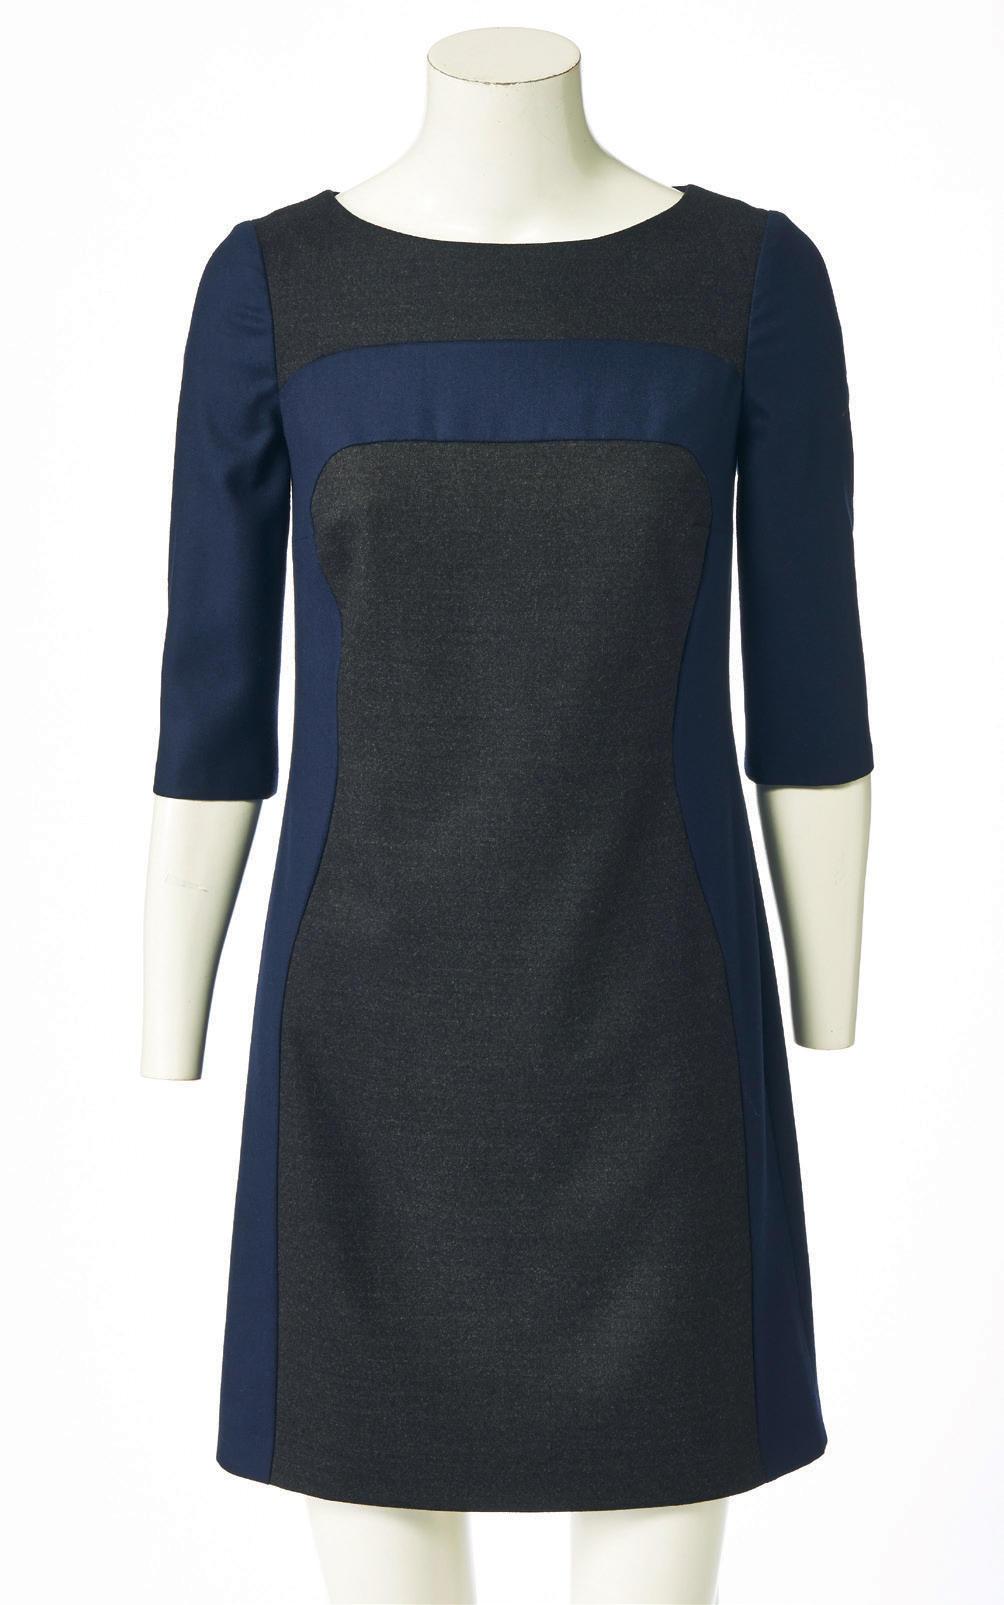 Herbstkleider kleider von boden direkt zum bestellen for Boden bestellen